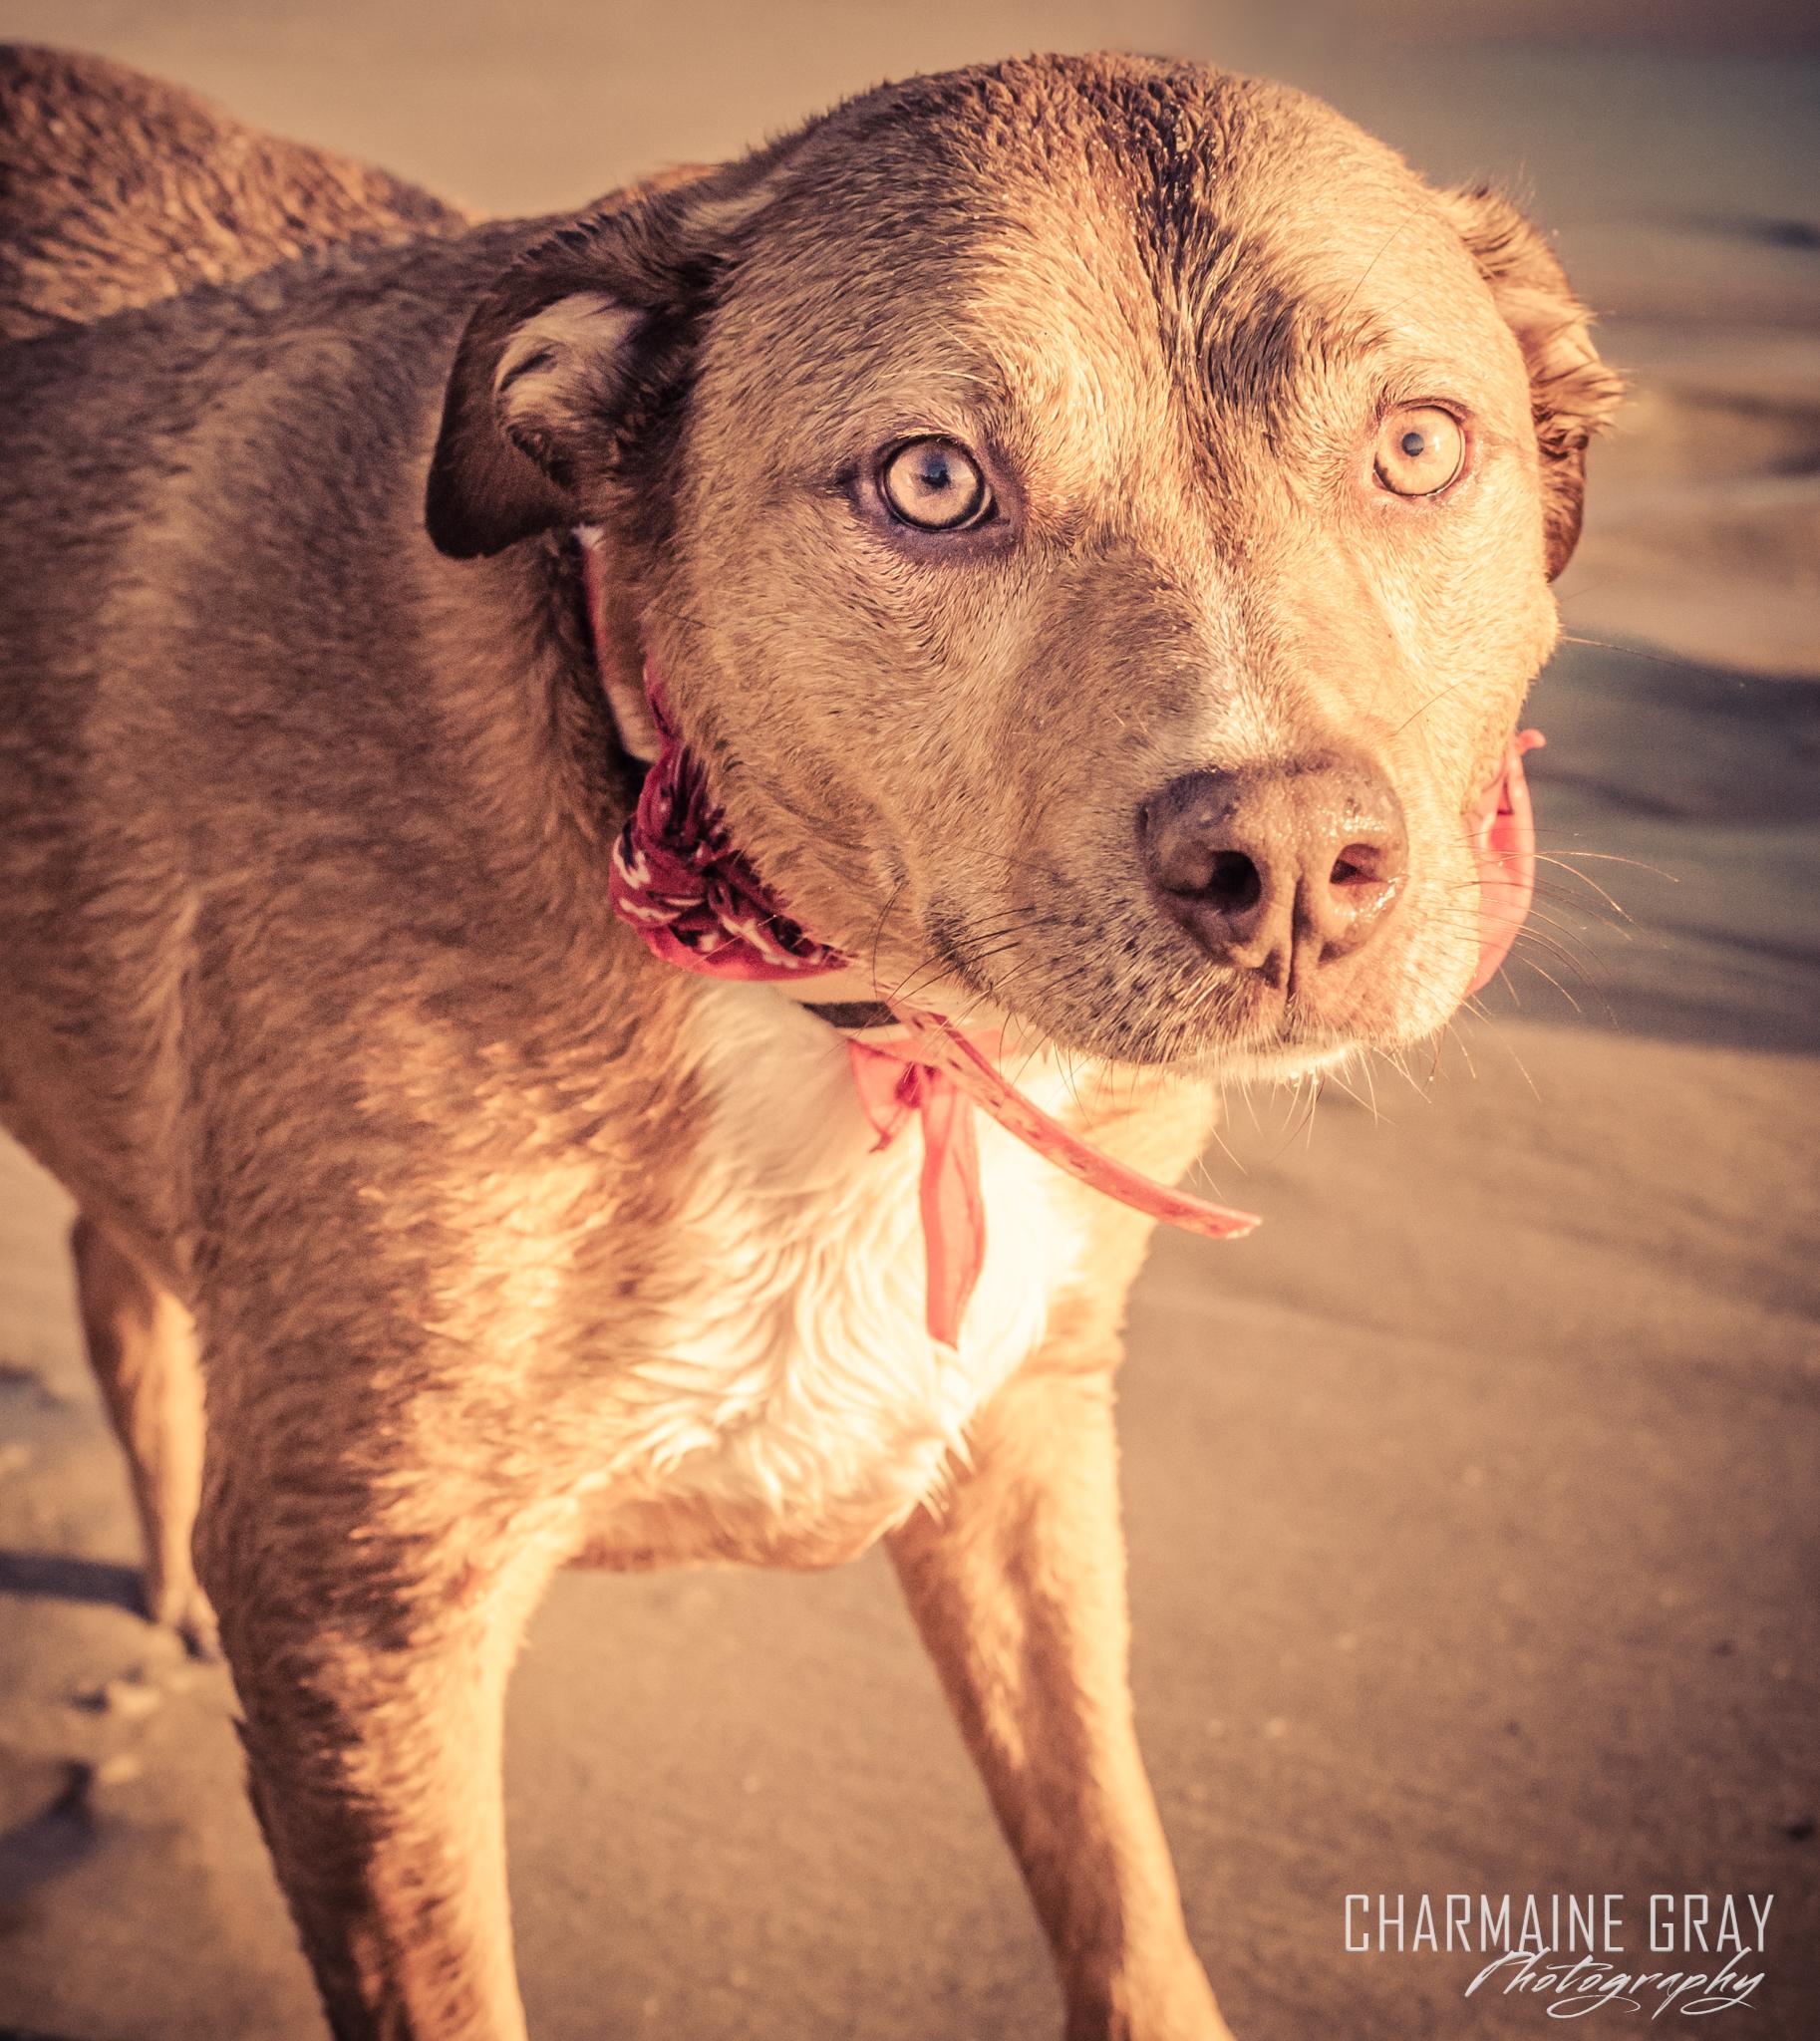 pet photographer, pet photography, pet portrait, pet, animal, charmaine gray photography, charmaine gray pet photography, san diego,dog, pittie, pit bull